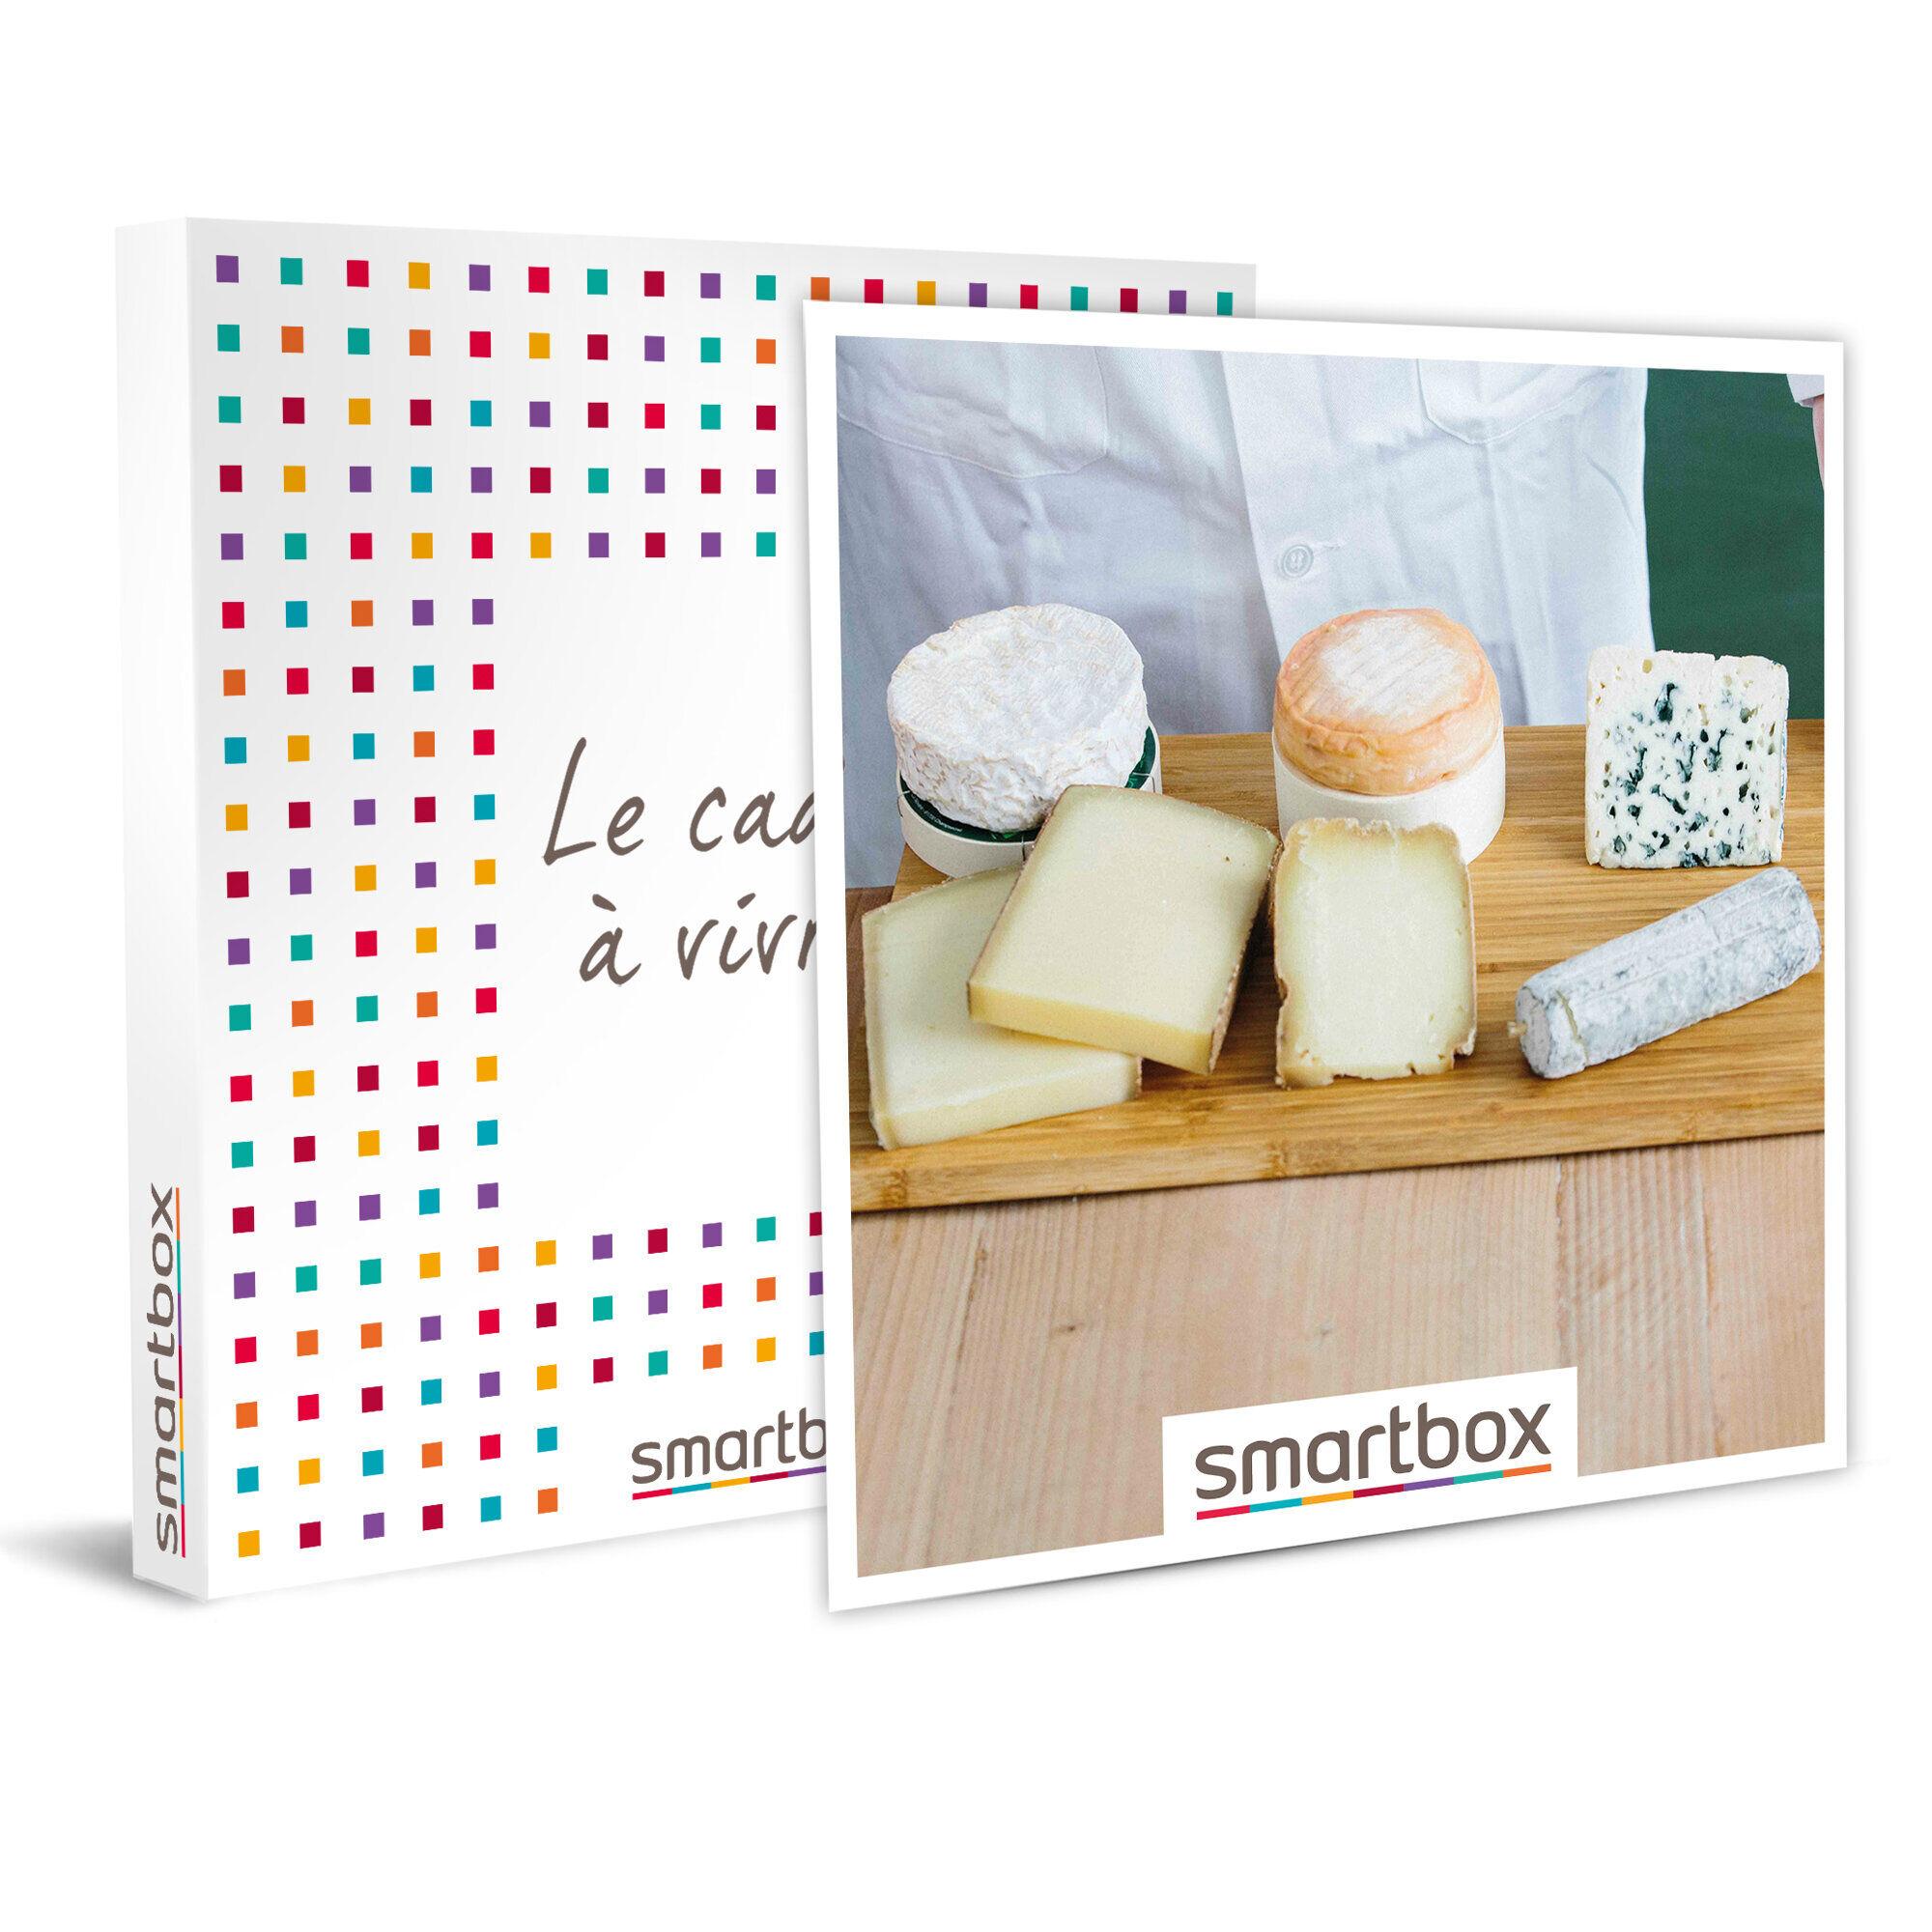 Smartbox Atelier-dégustation de 2h de 6 fromages avec Le Cheese Geek à Paris Coffret cadeau Smartbox